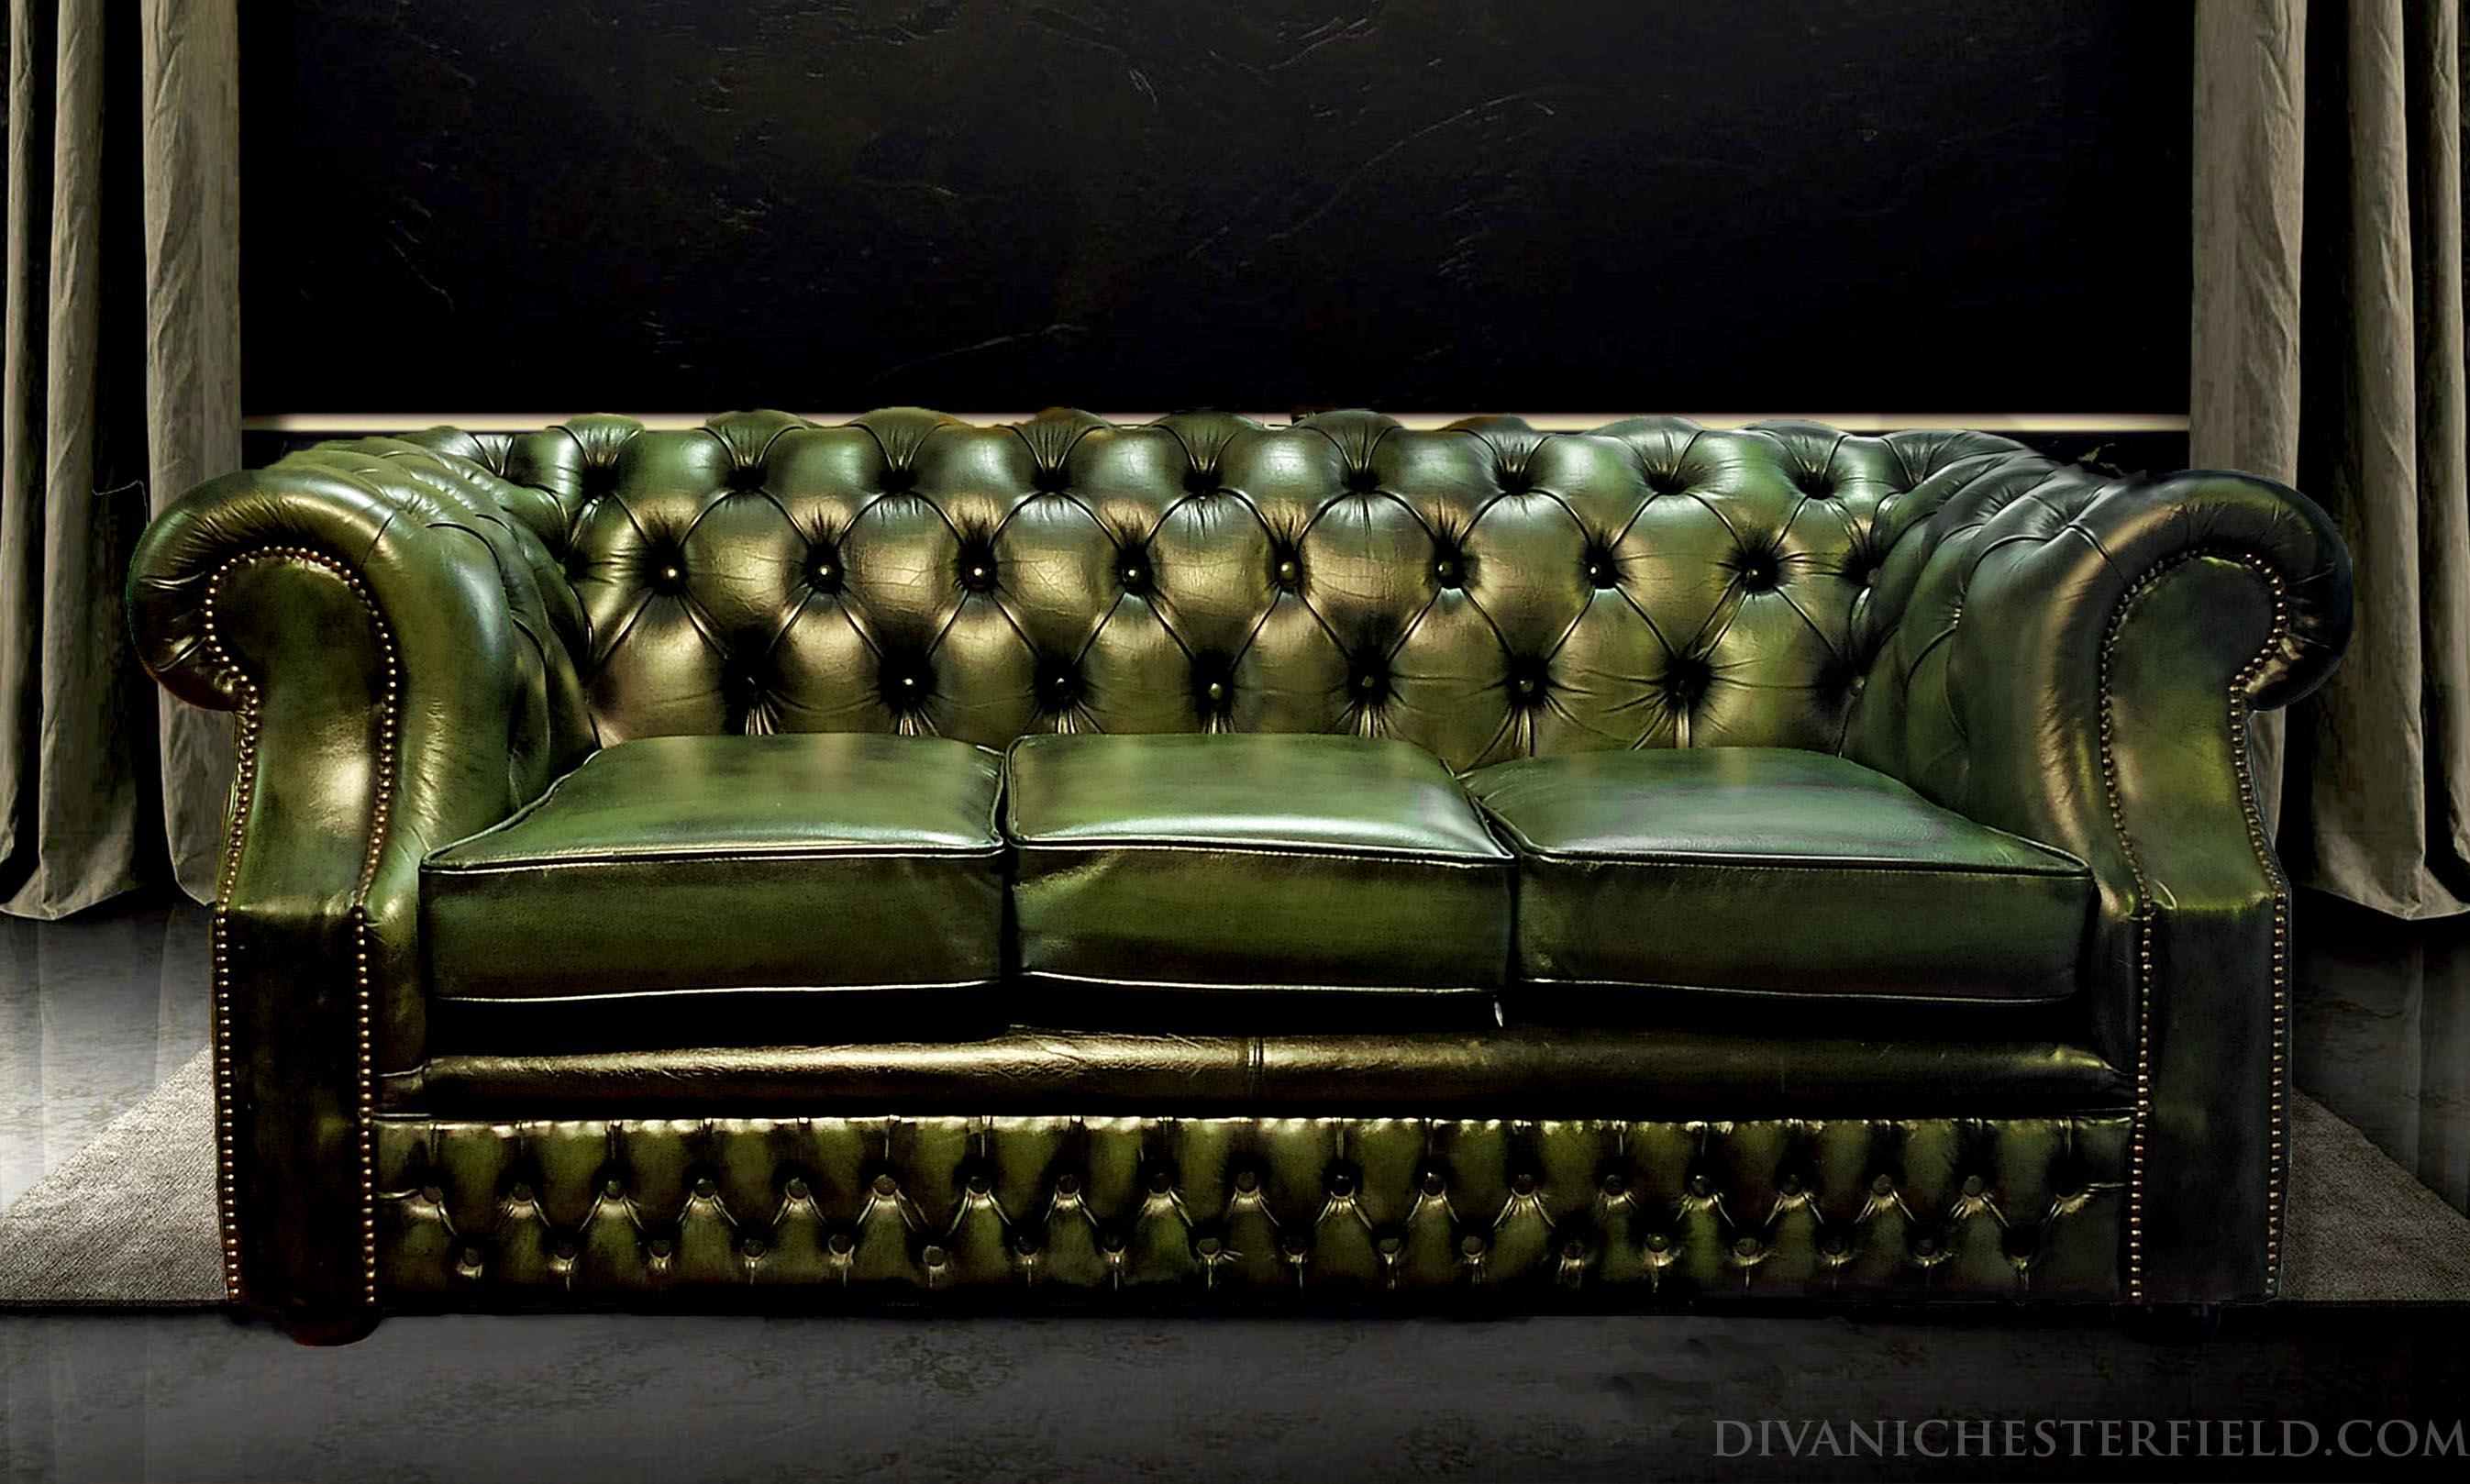 Divani chesterfield usati in pelle vintage originali inglesi for Divano in inglese